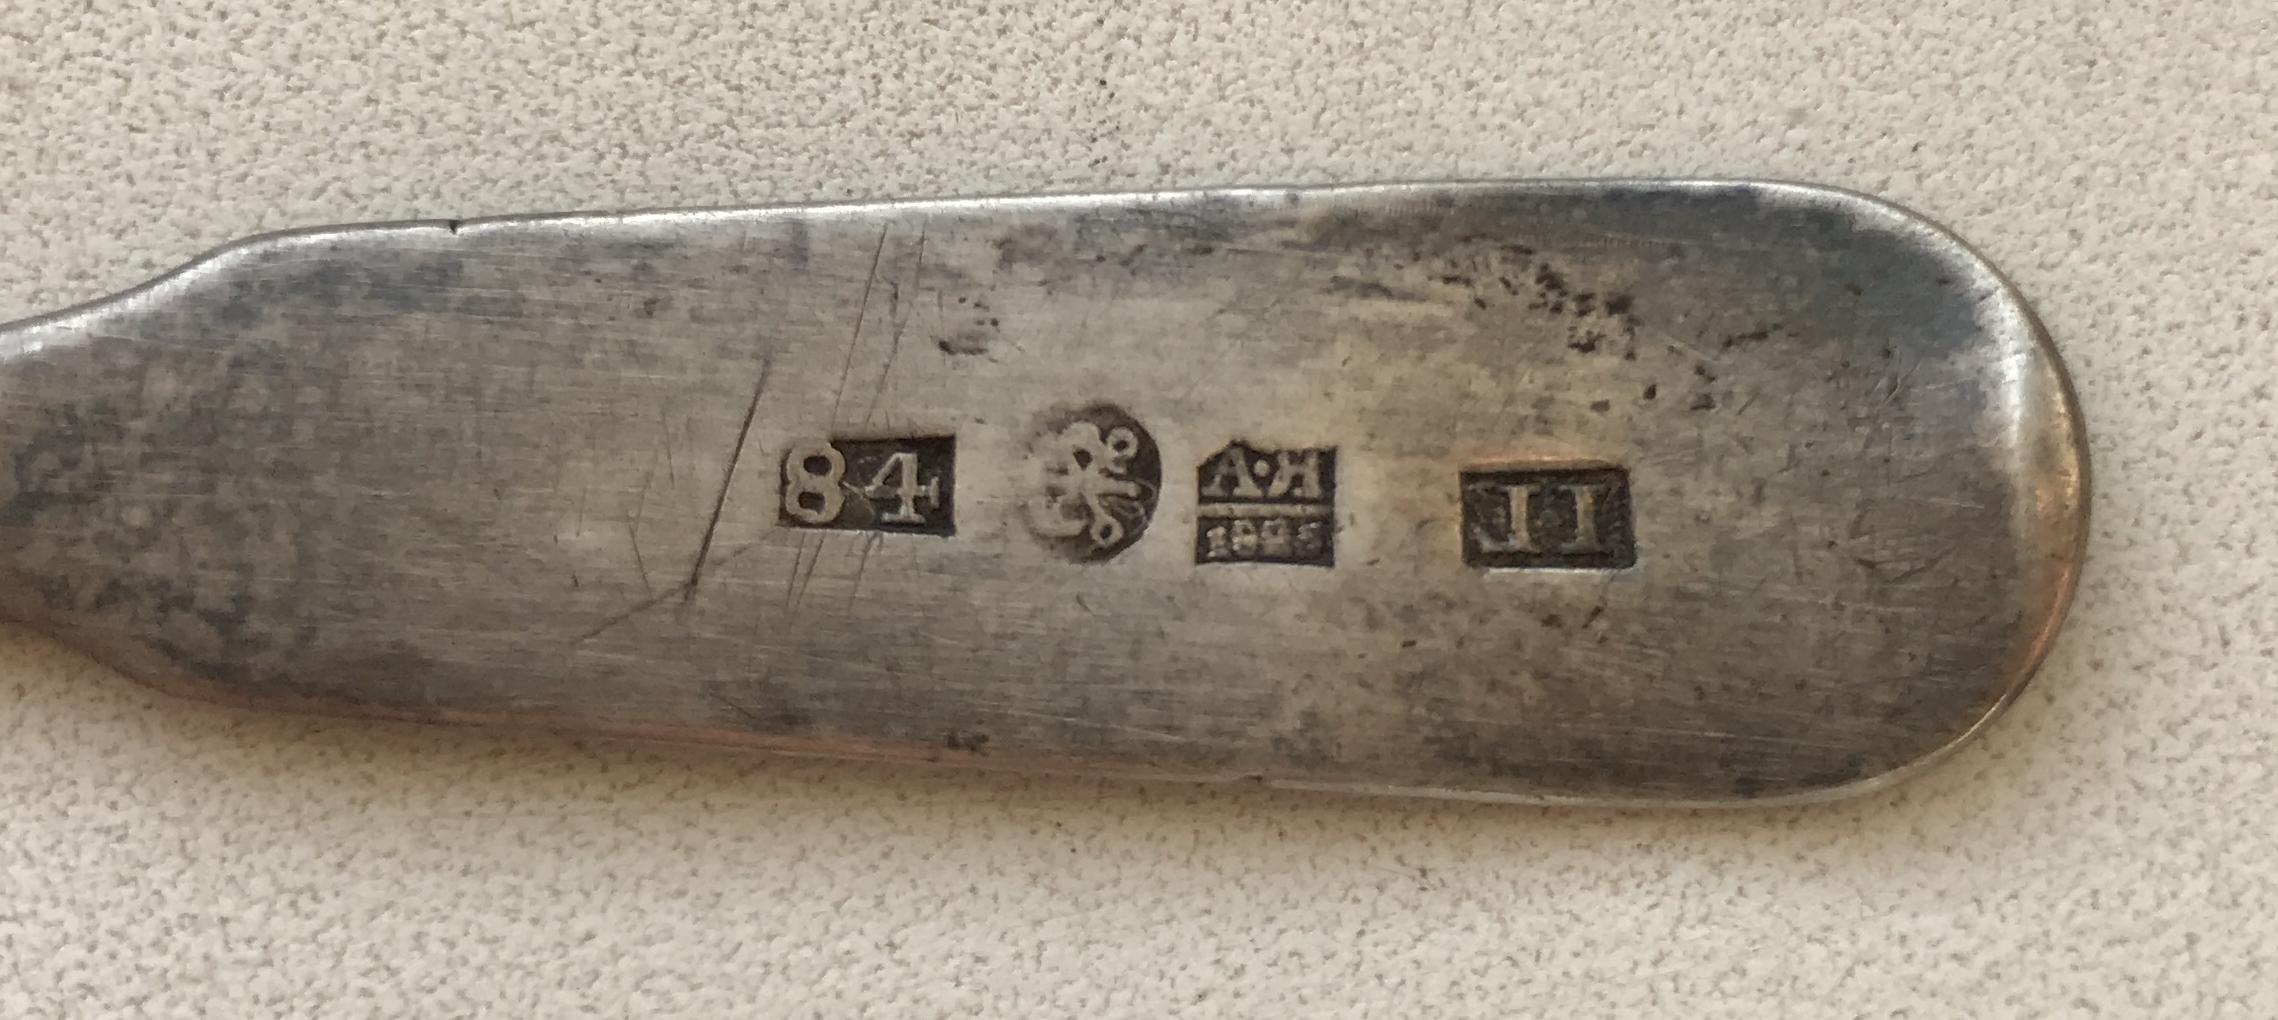 ложка 84, СПБ, АЯ/1825